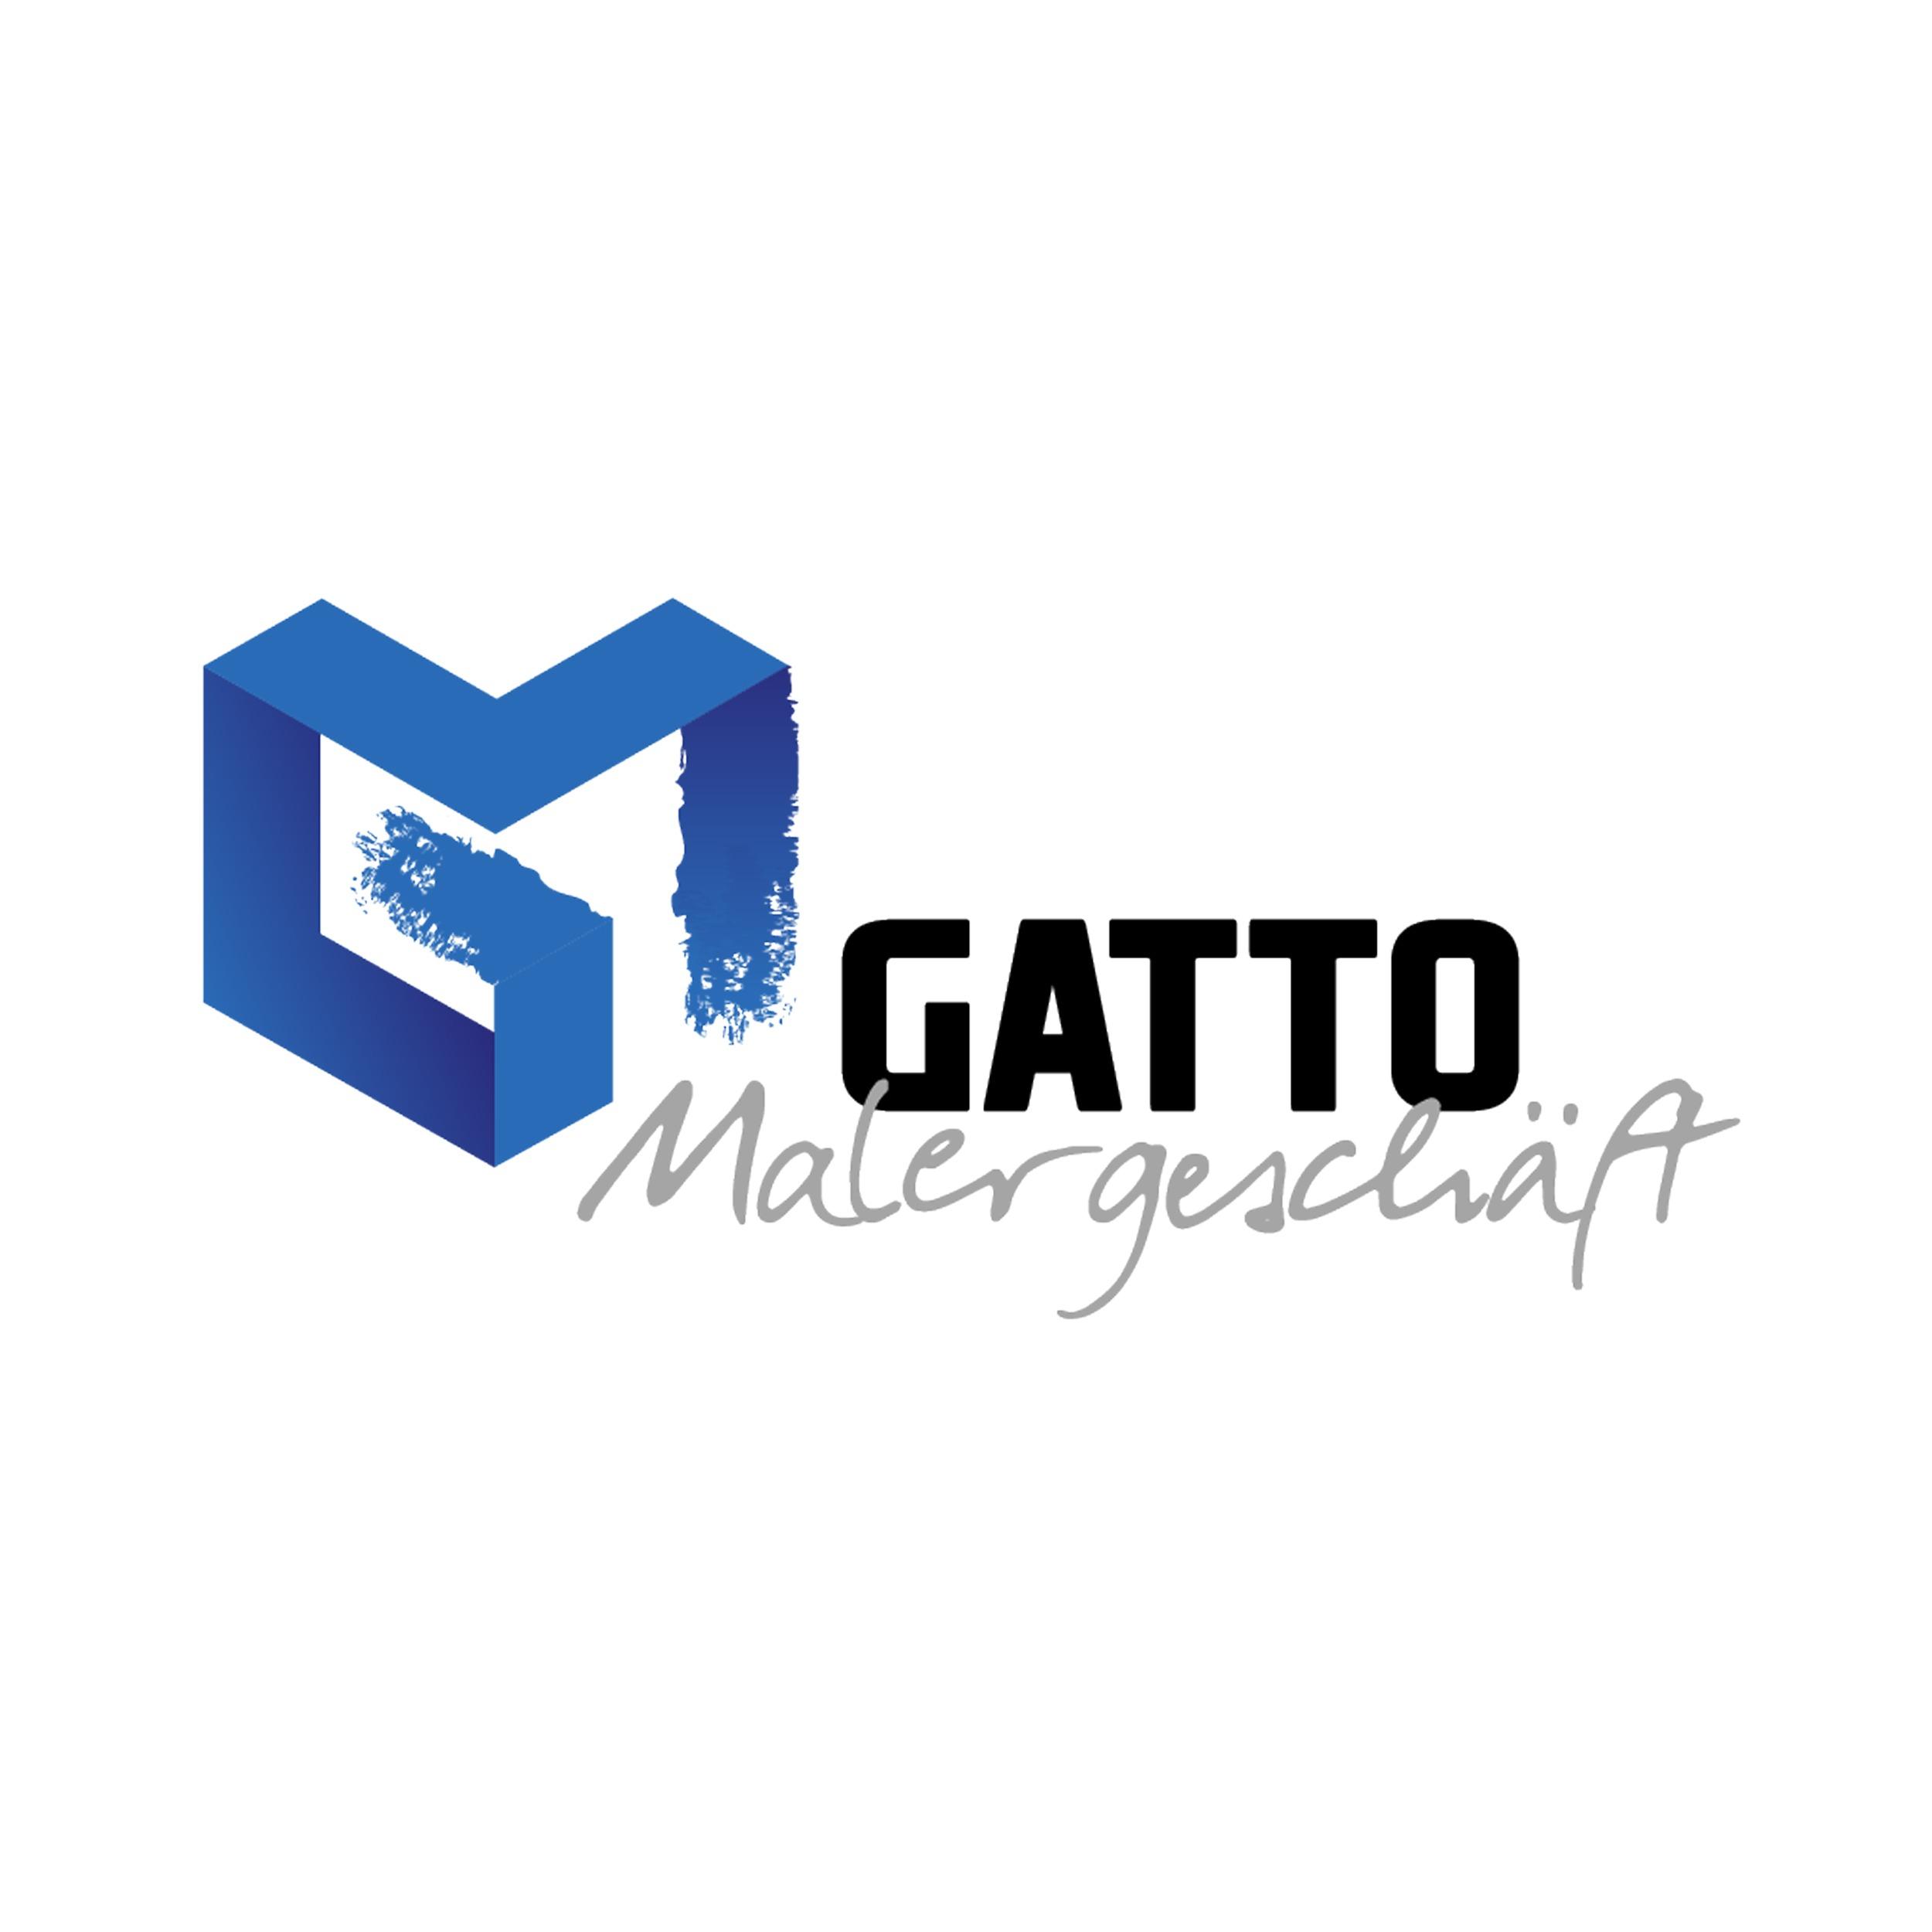 Gatto Malergeschäft